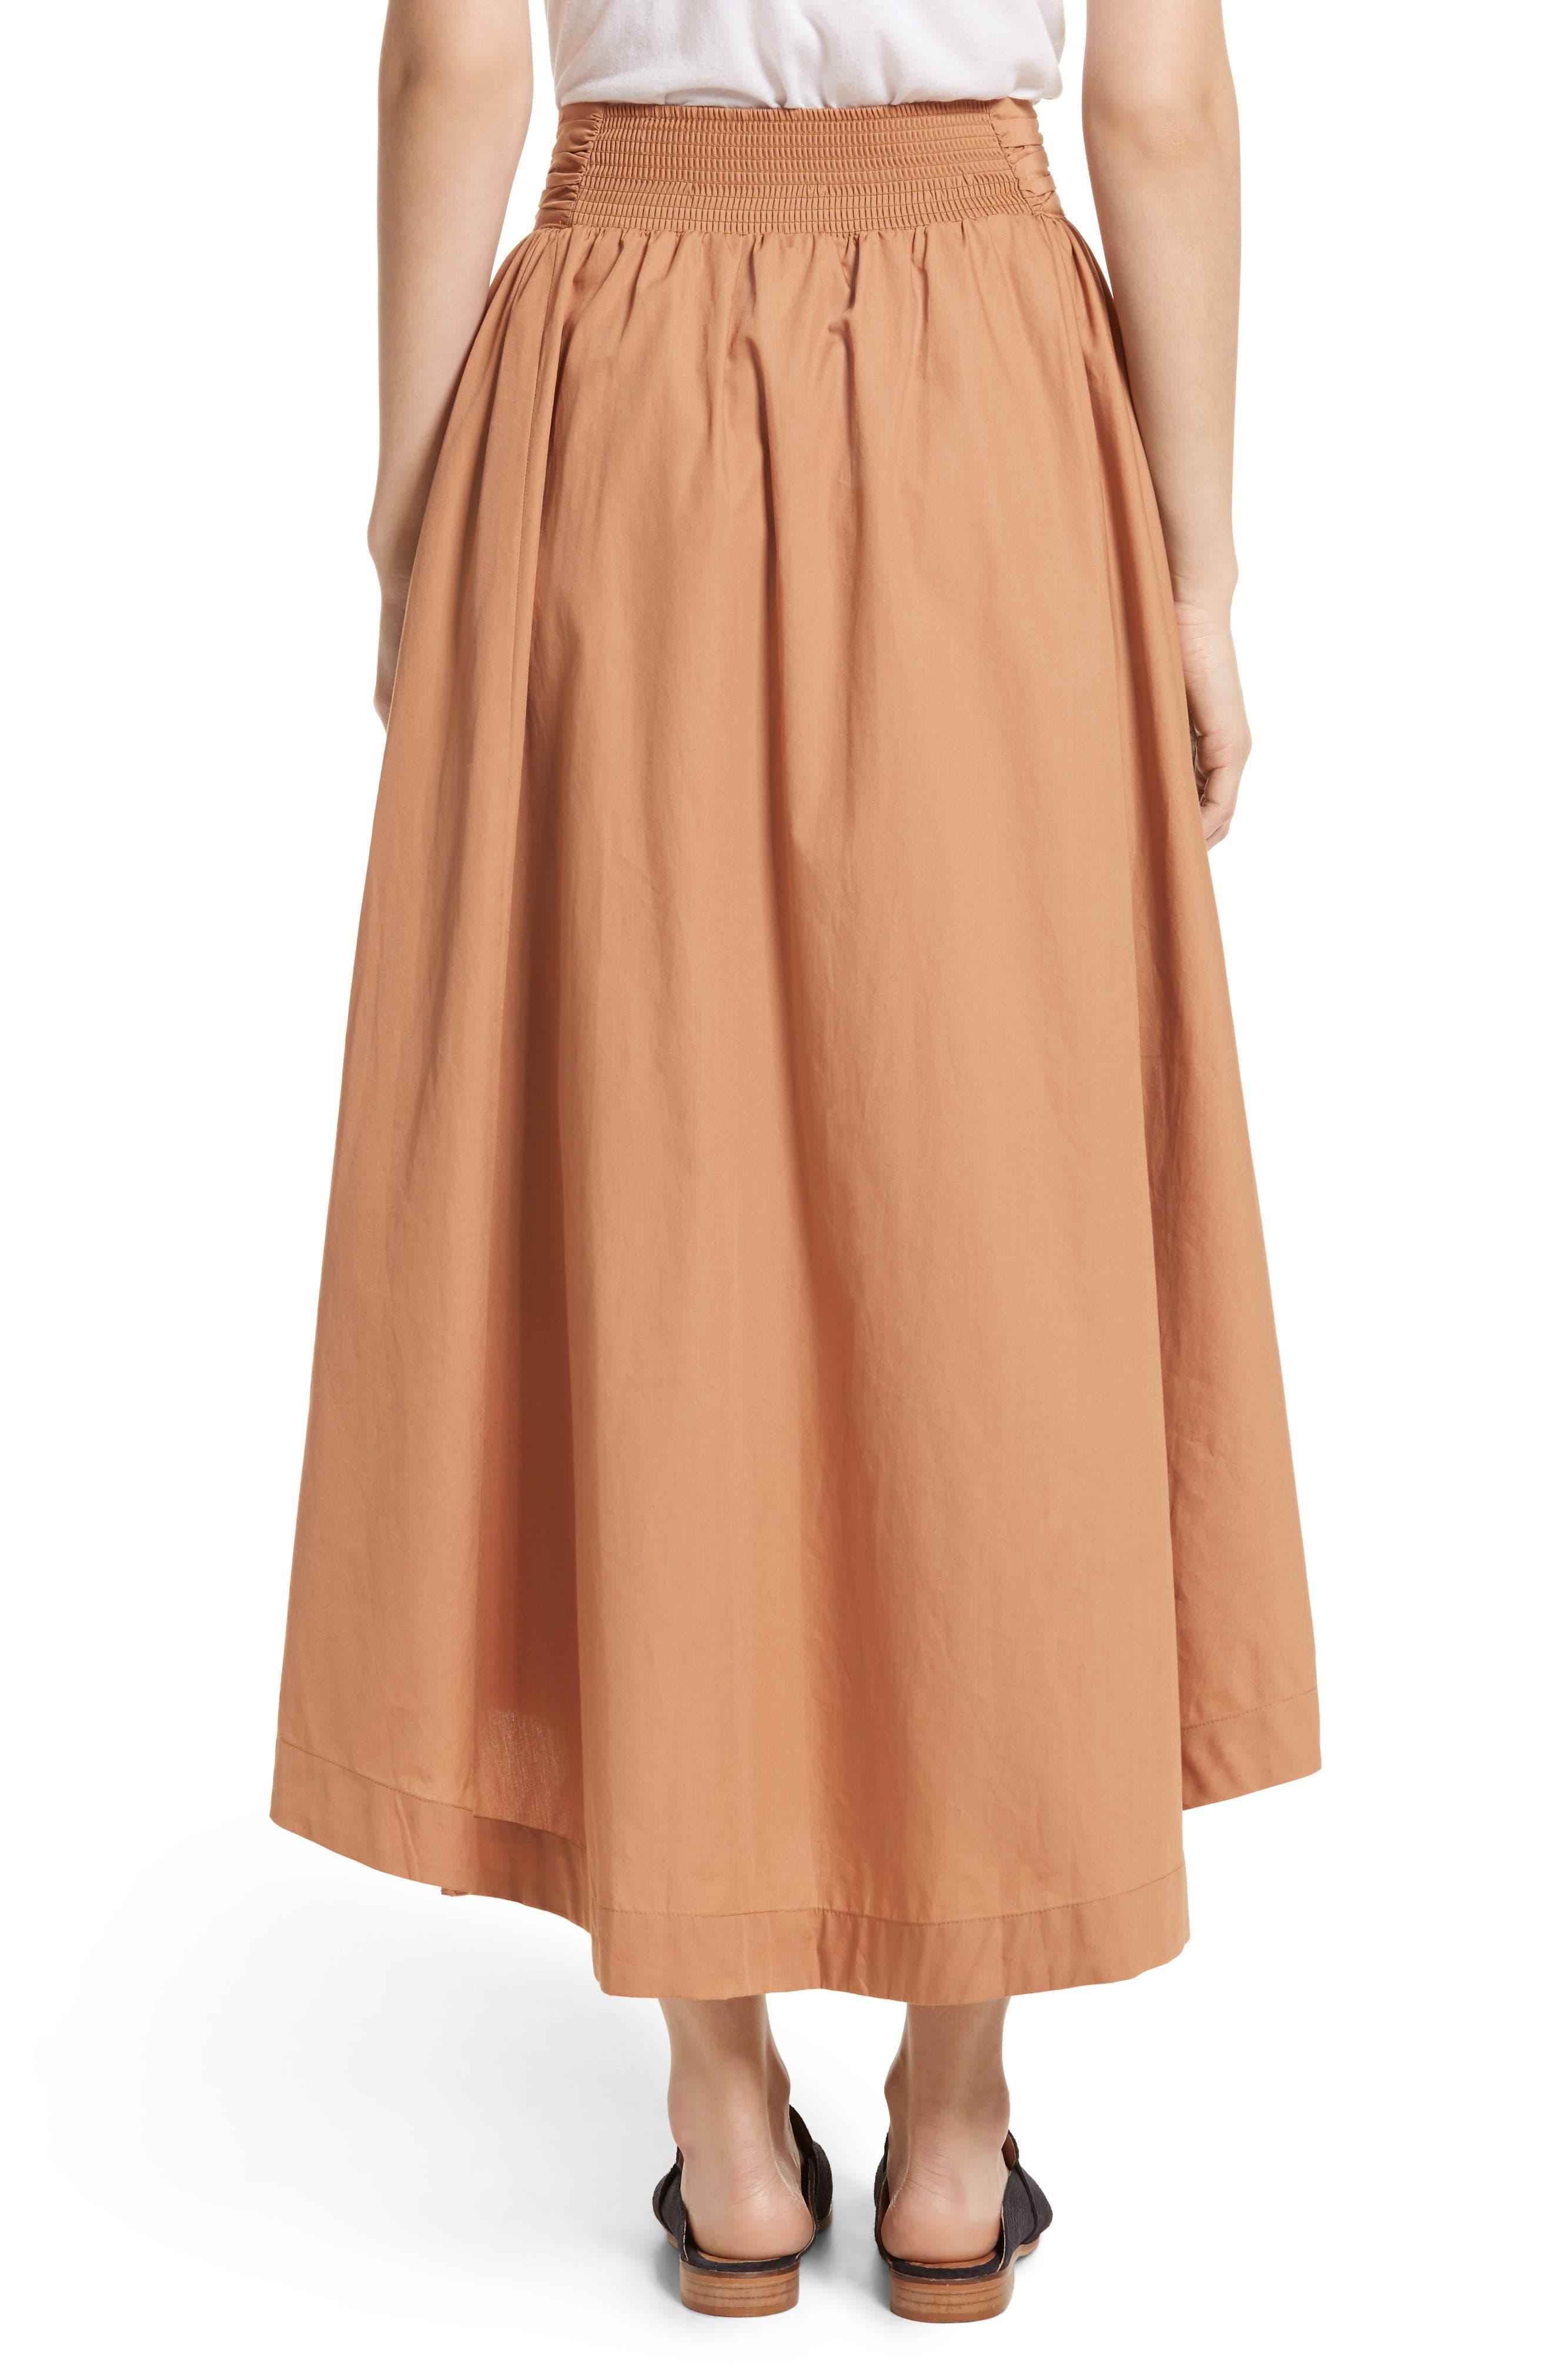 Dream of Me Midi Skirt,                             Alternate thumbnail 2, color,                             230